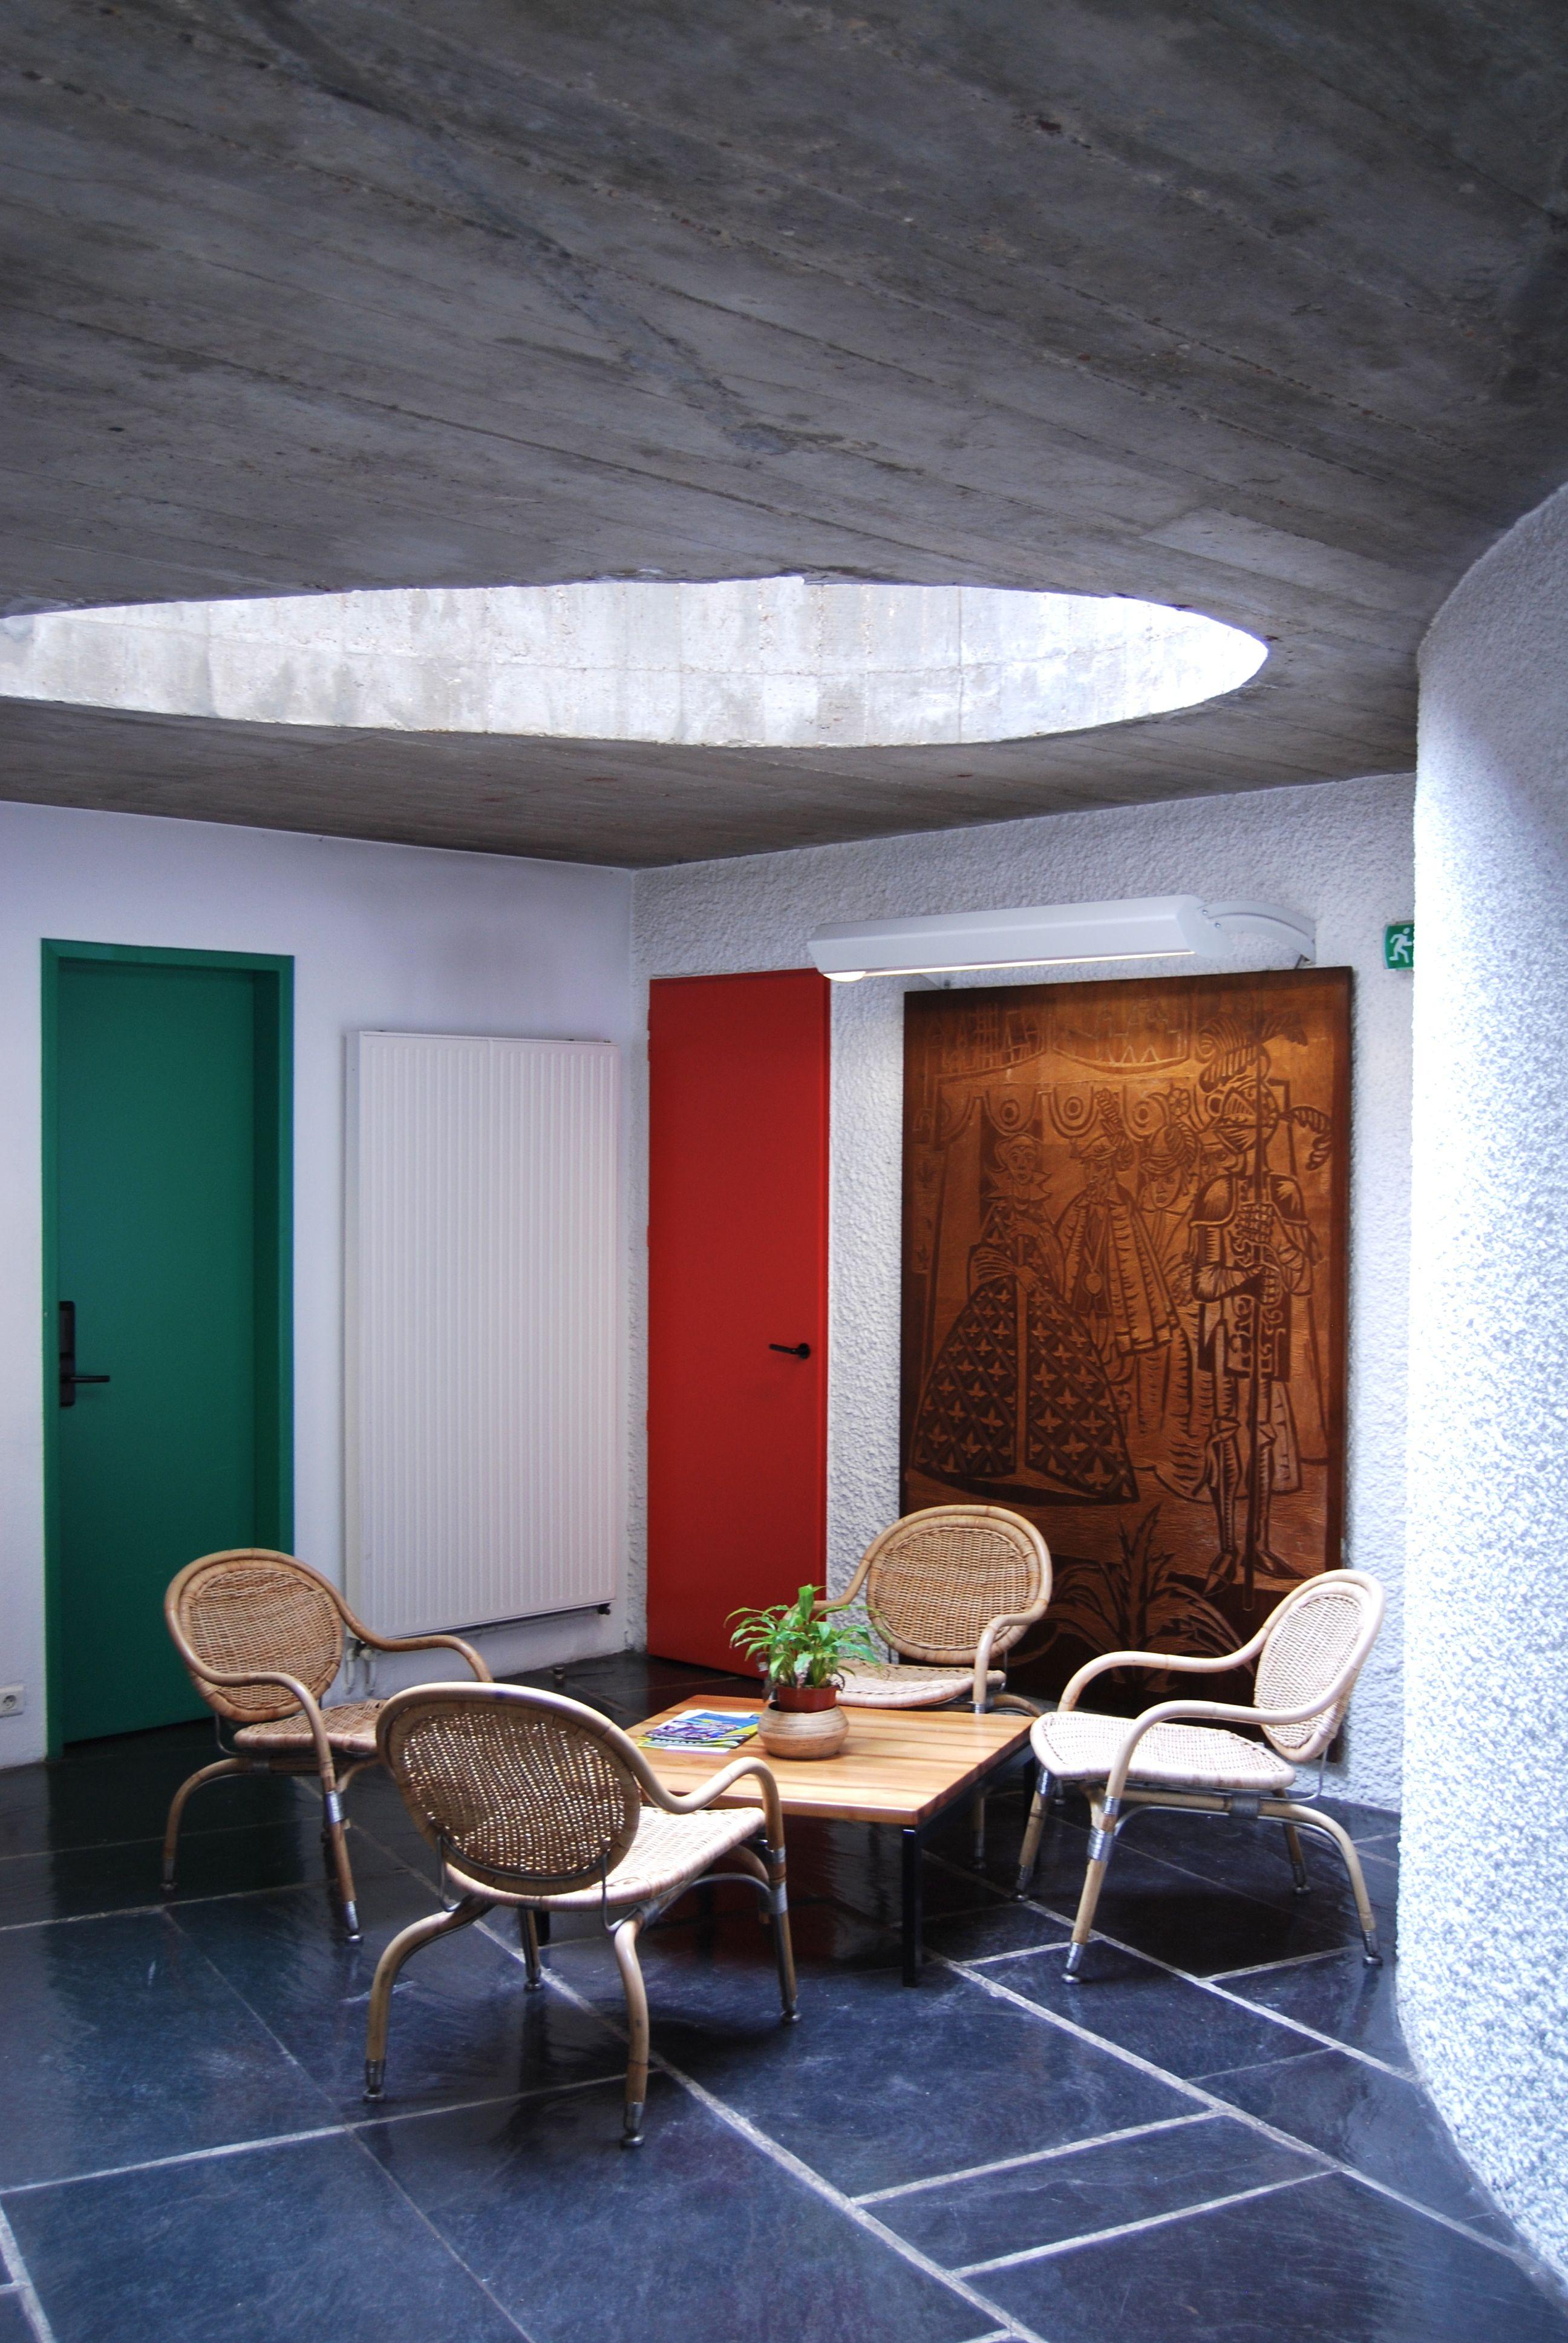 Maison du brasil paris by le corbusier le corbusier